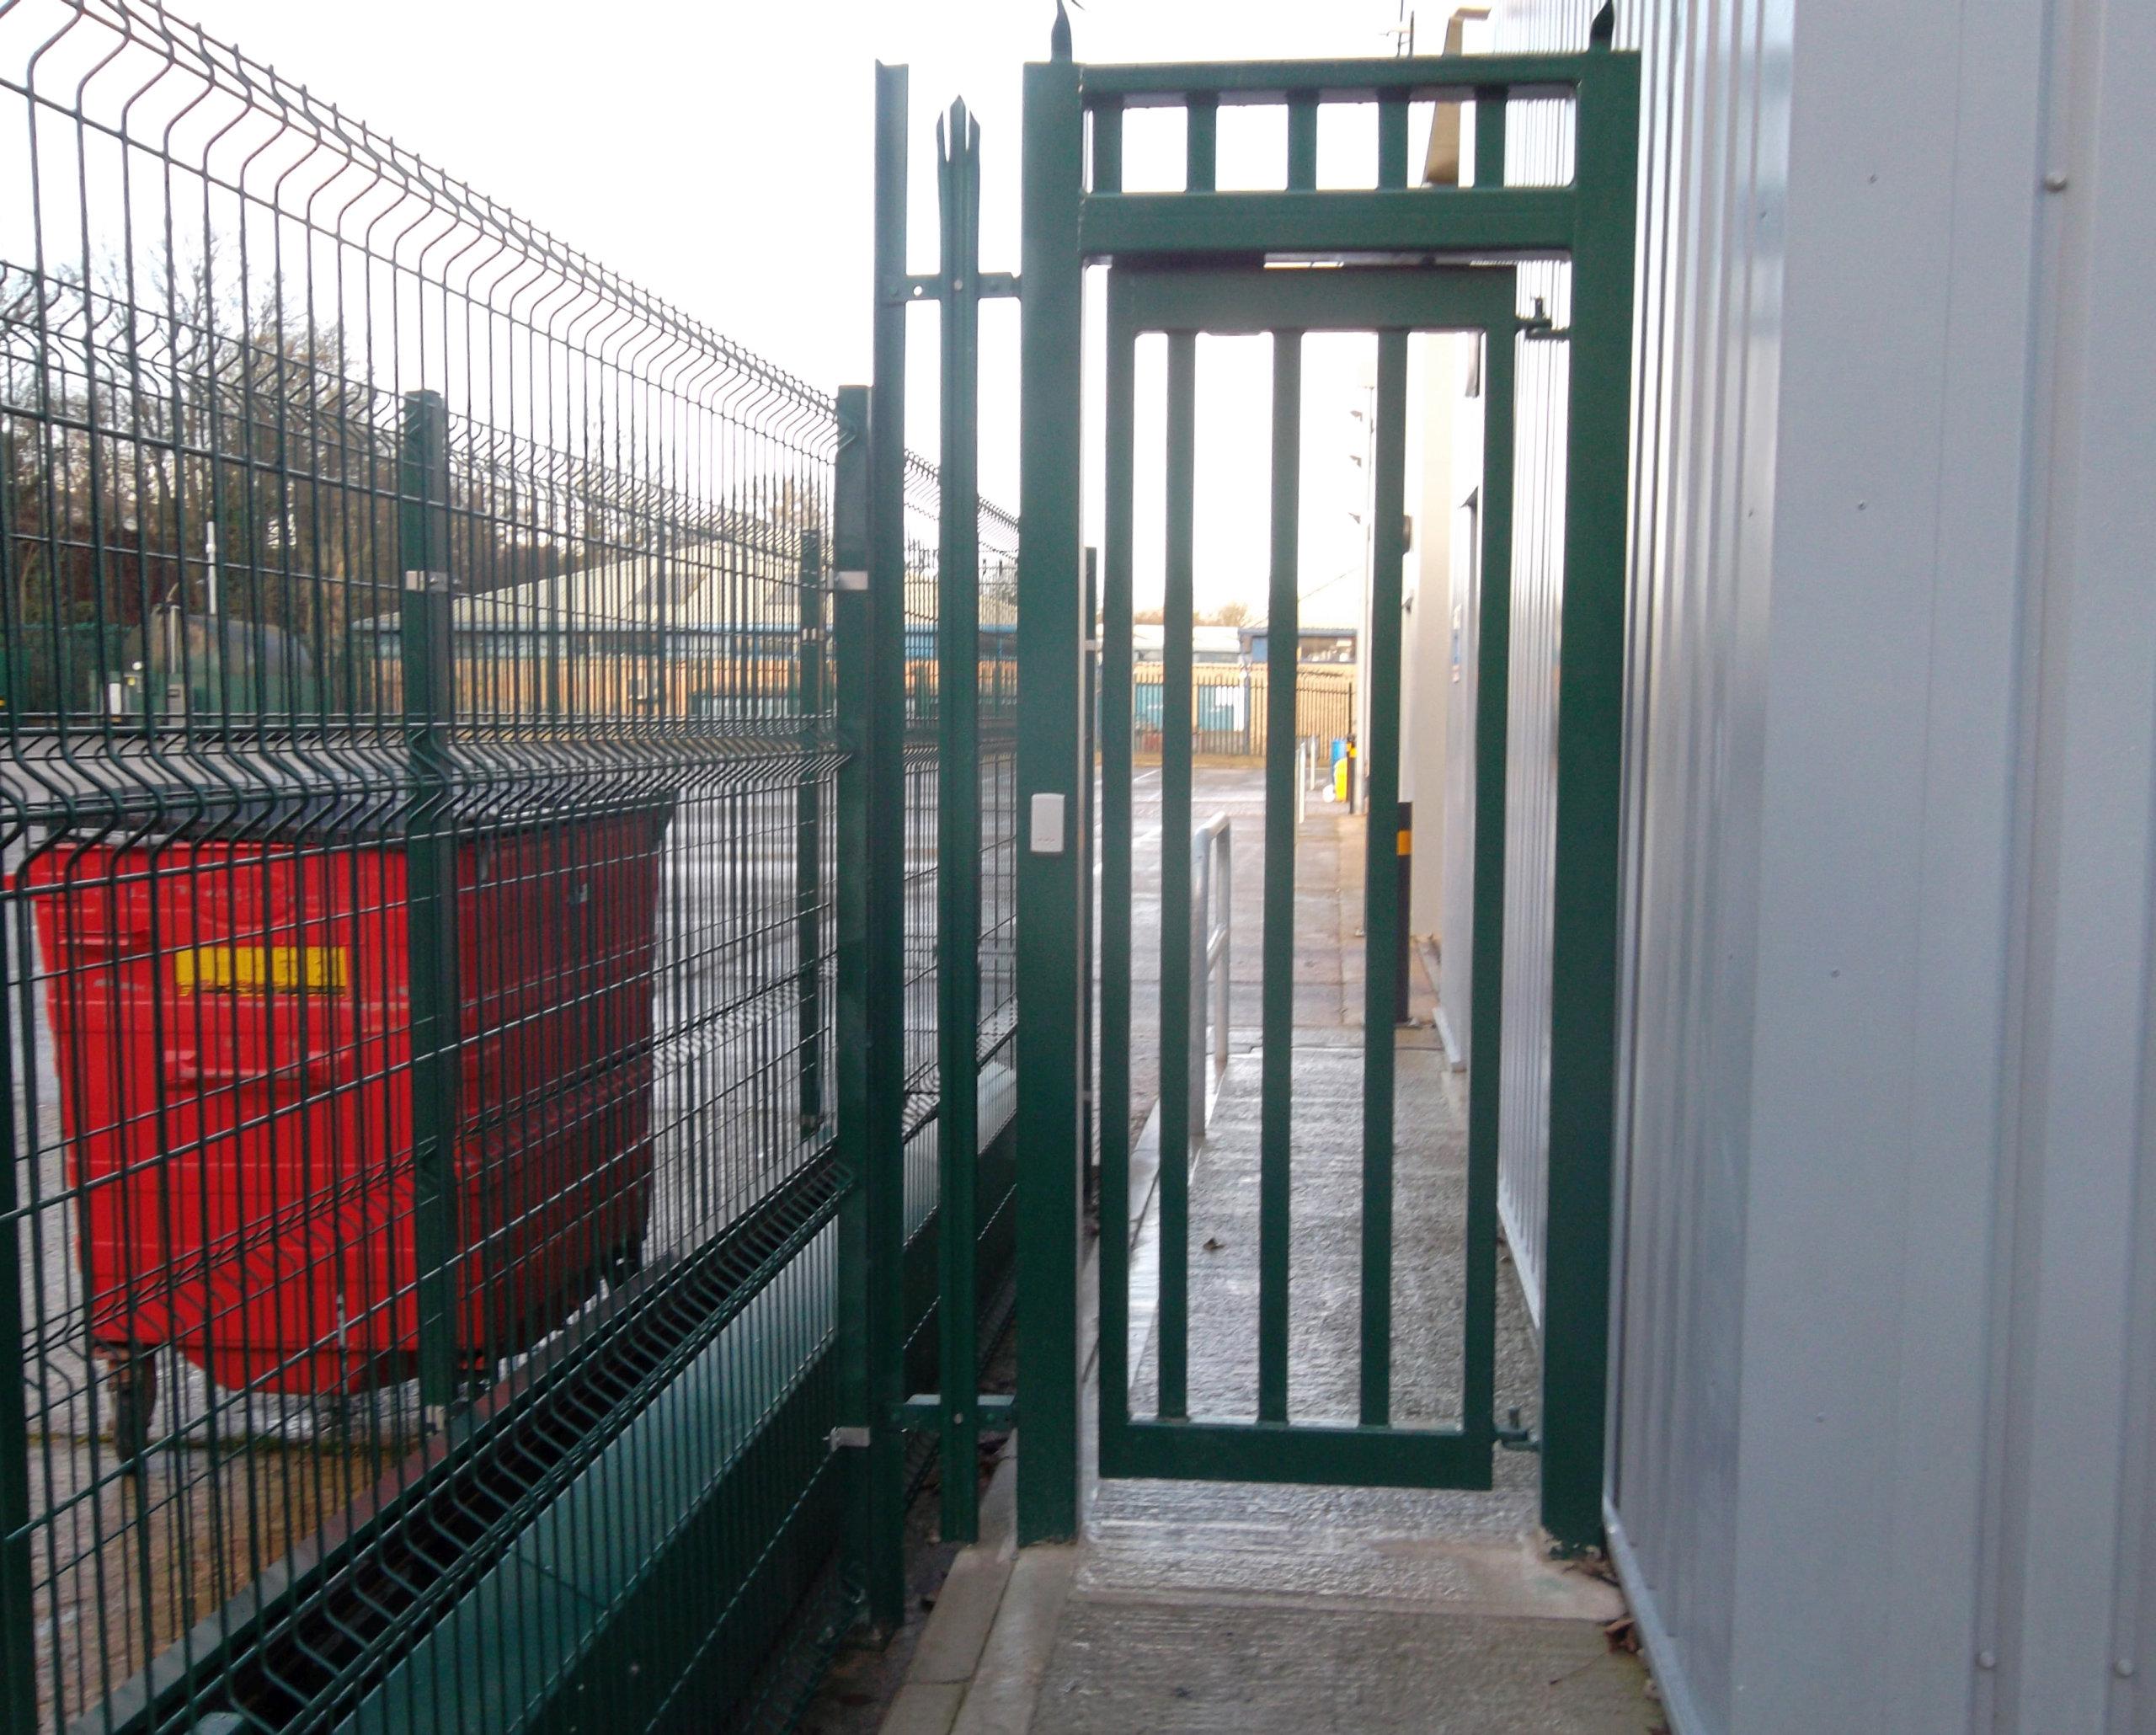 U0026 39 Wicket U0026 39  Manual Pedestrian Gate